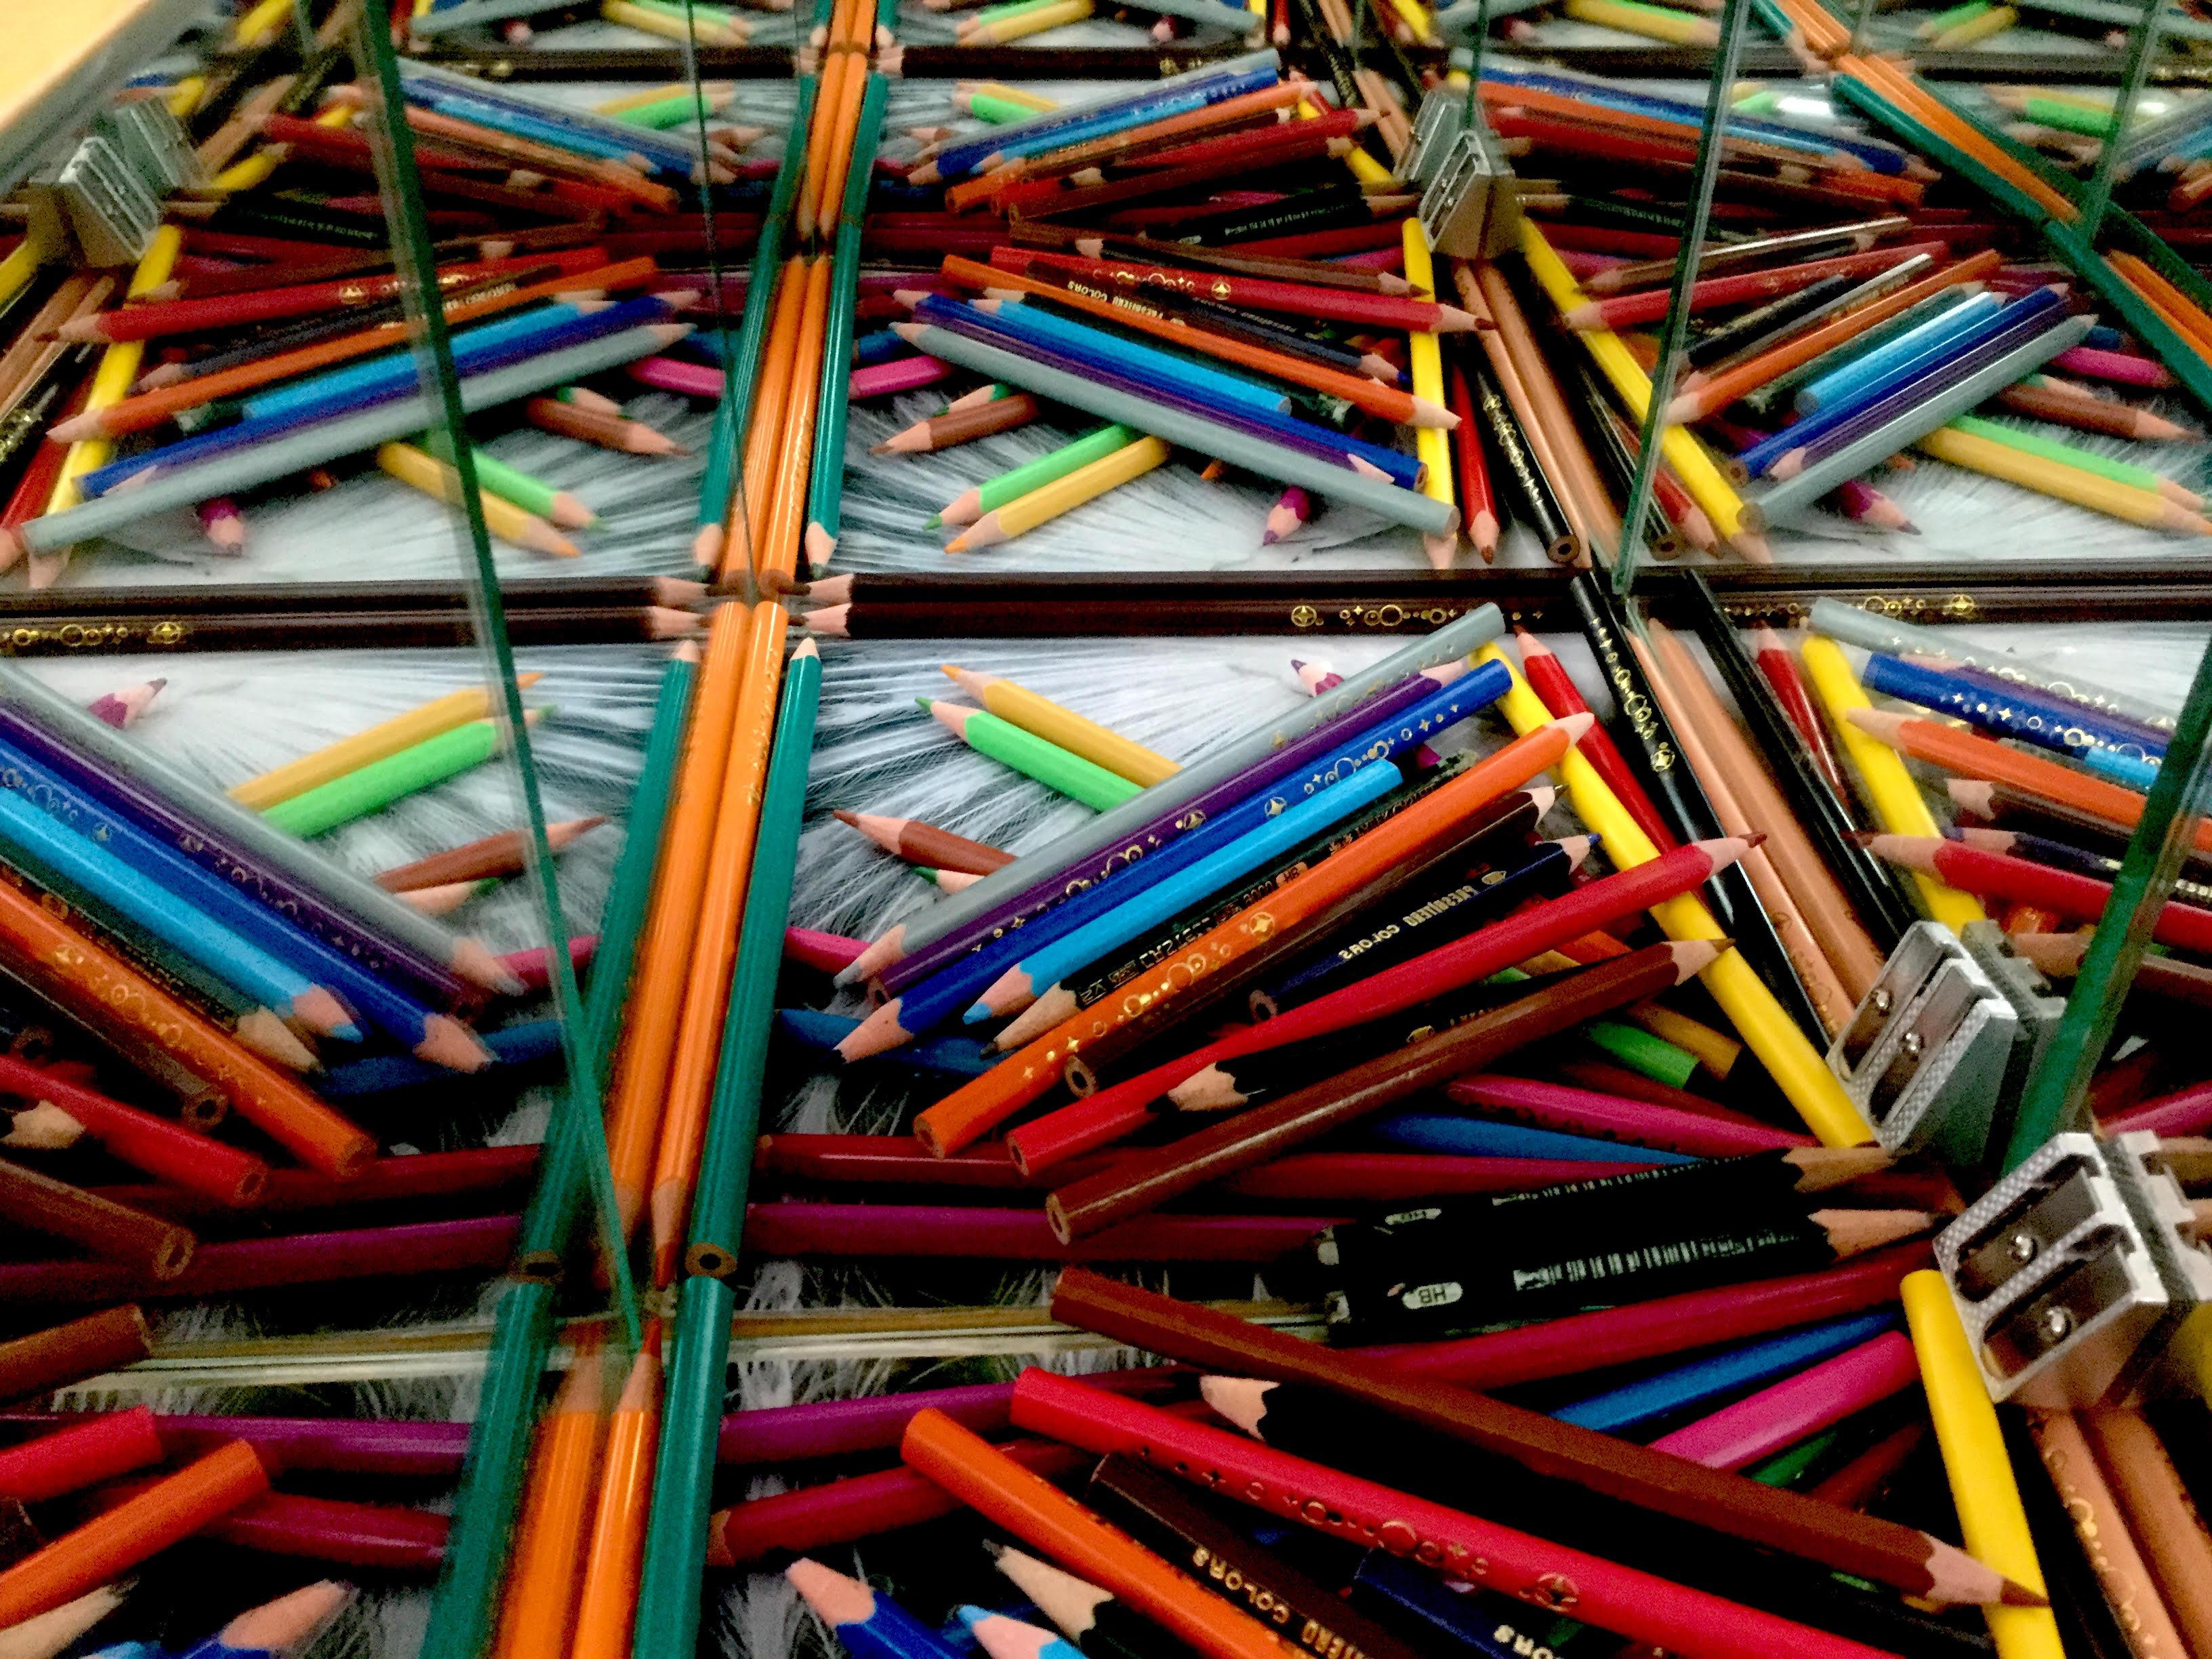 Problemi di matematica - effetto di quattro specchi a due a due ortogonali, su tante matite roveciate al loro interno